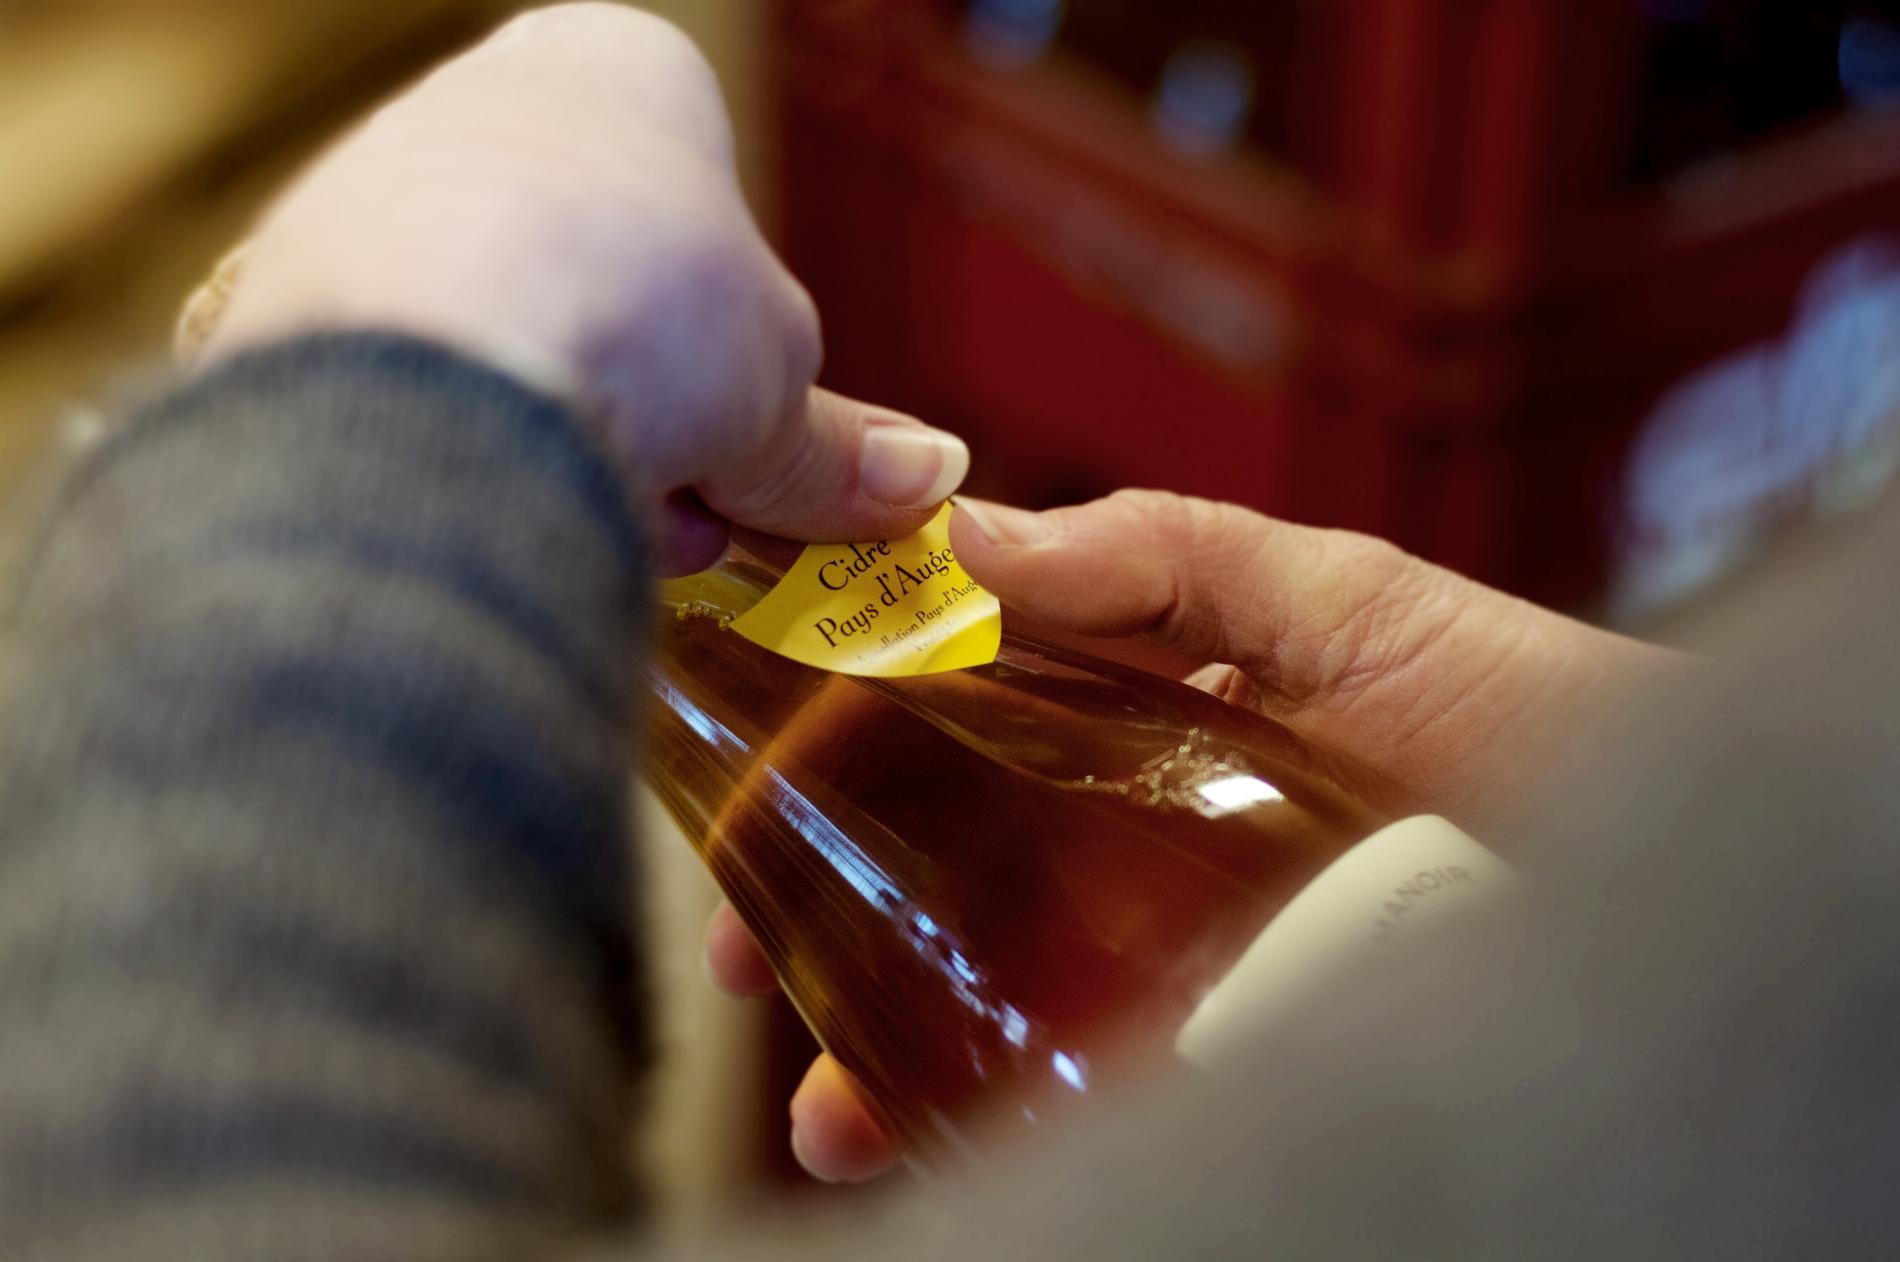 Etiquettage des bouteilles